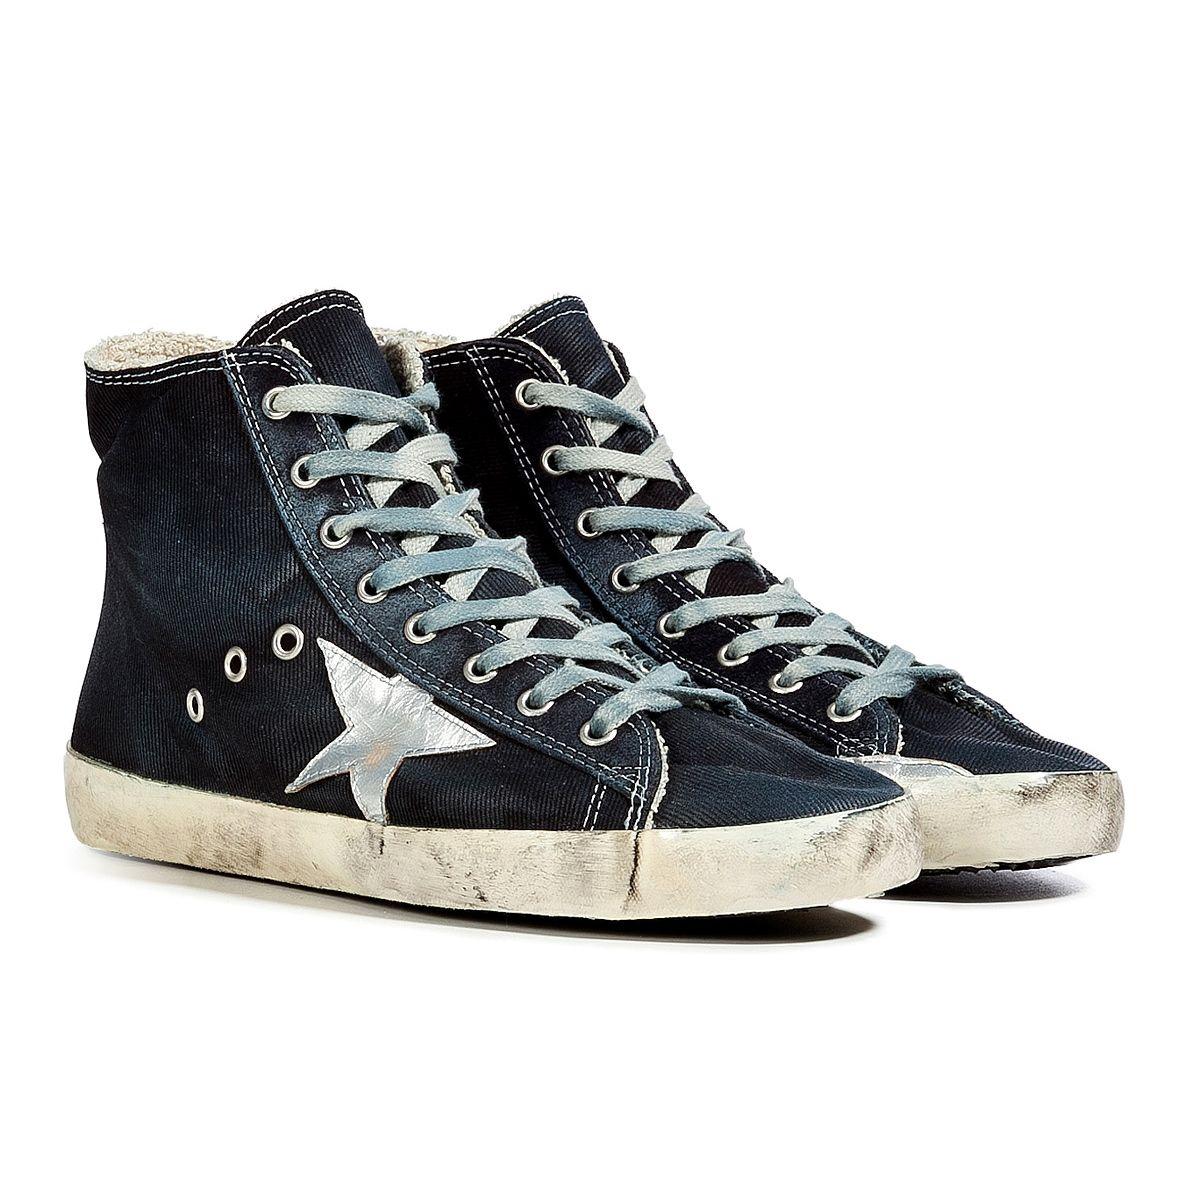 Golden_Goose_hi_top_sneakers